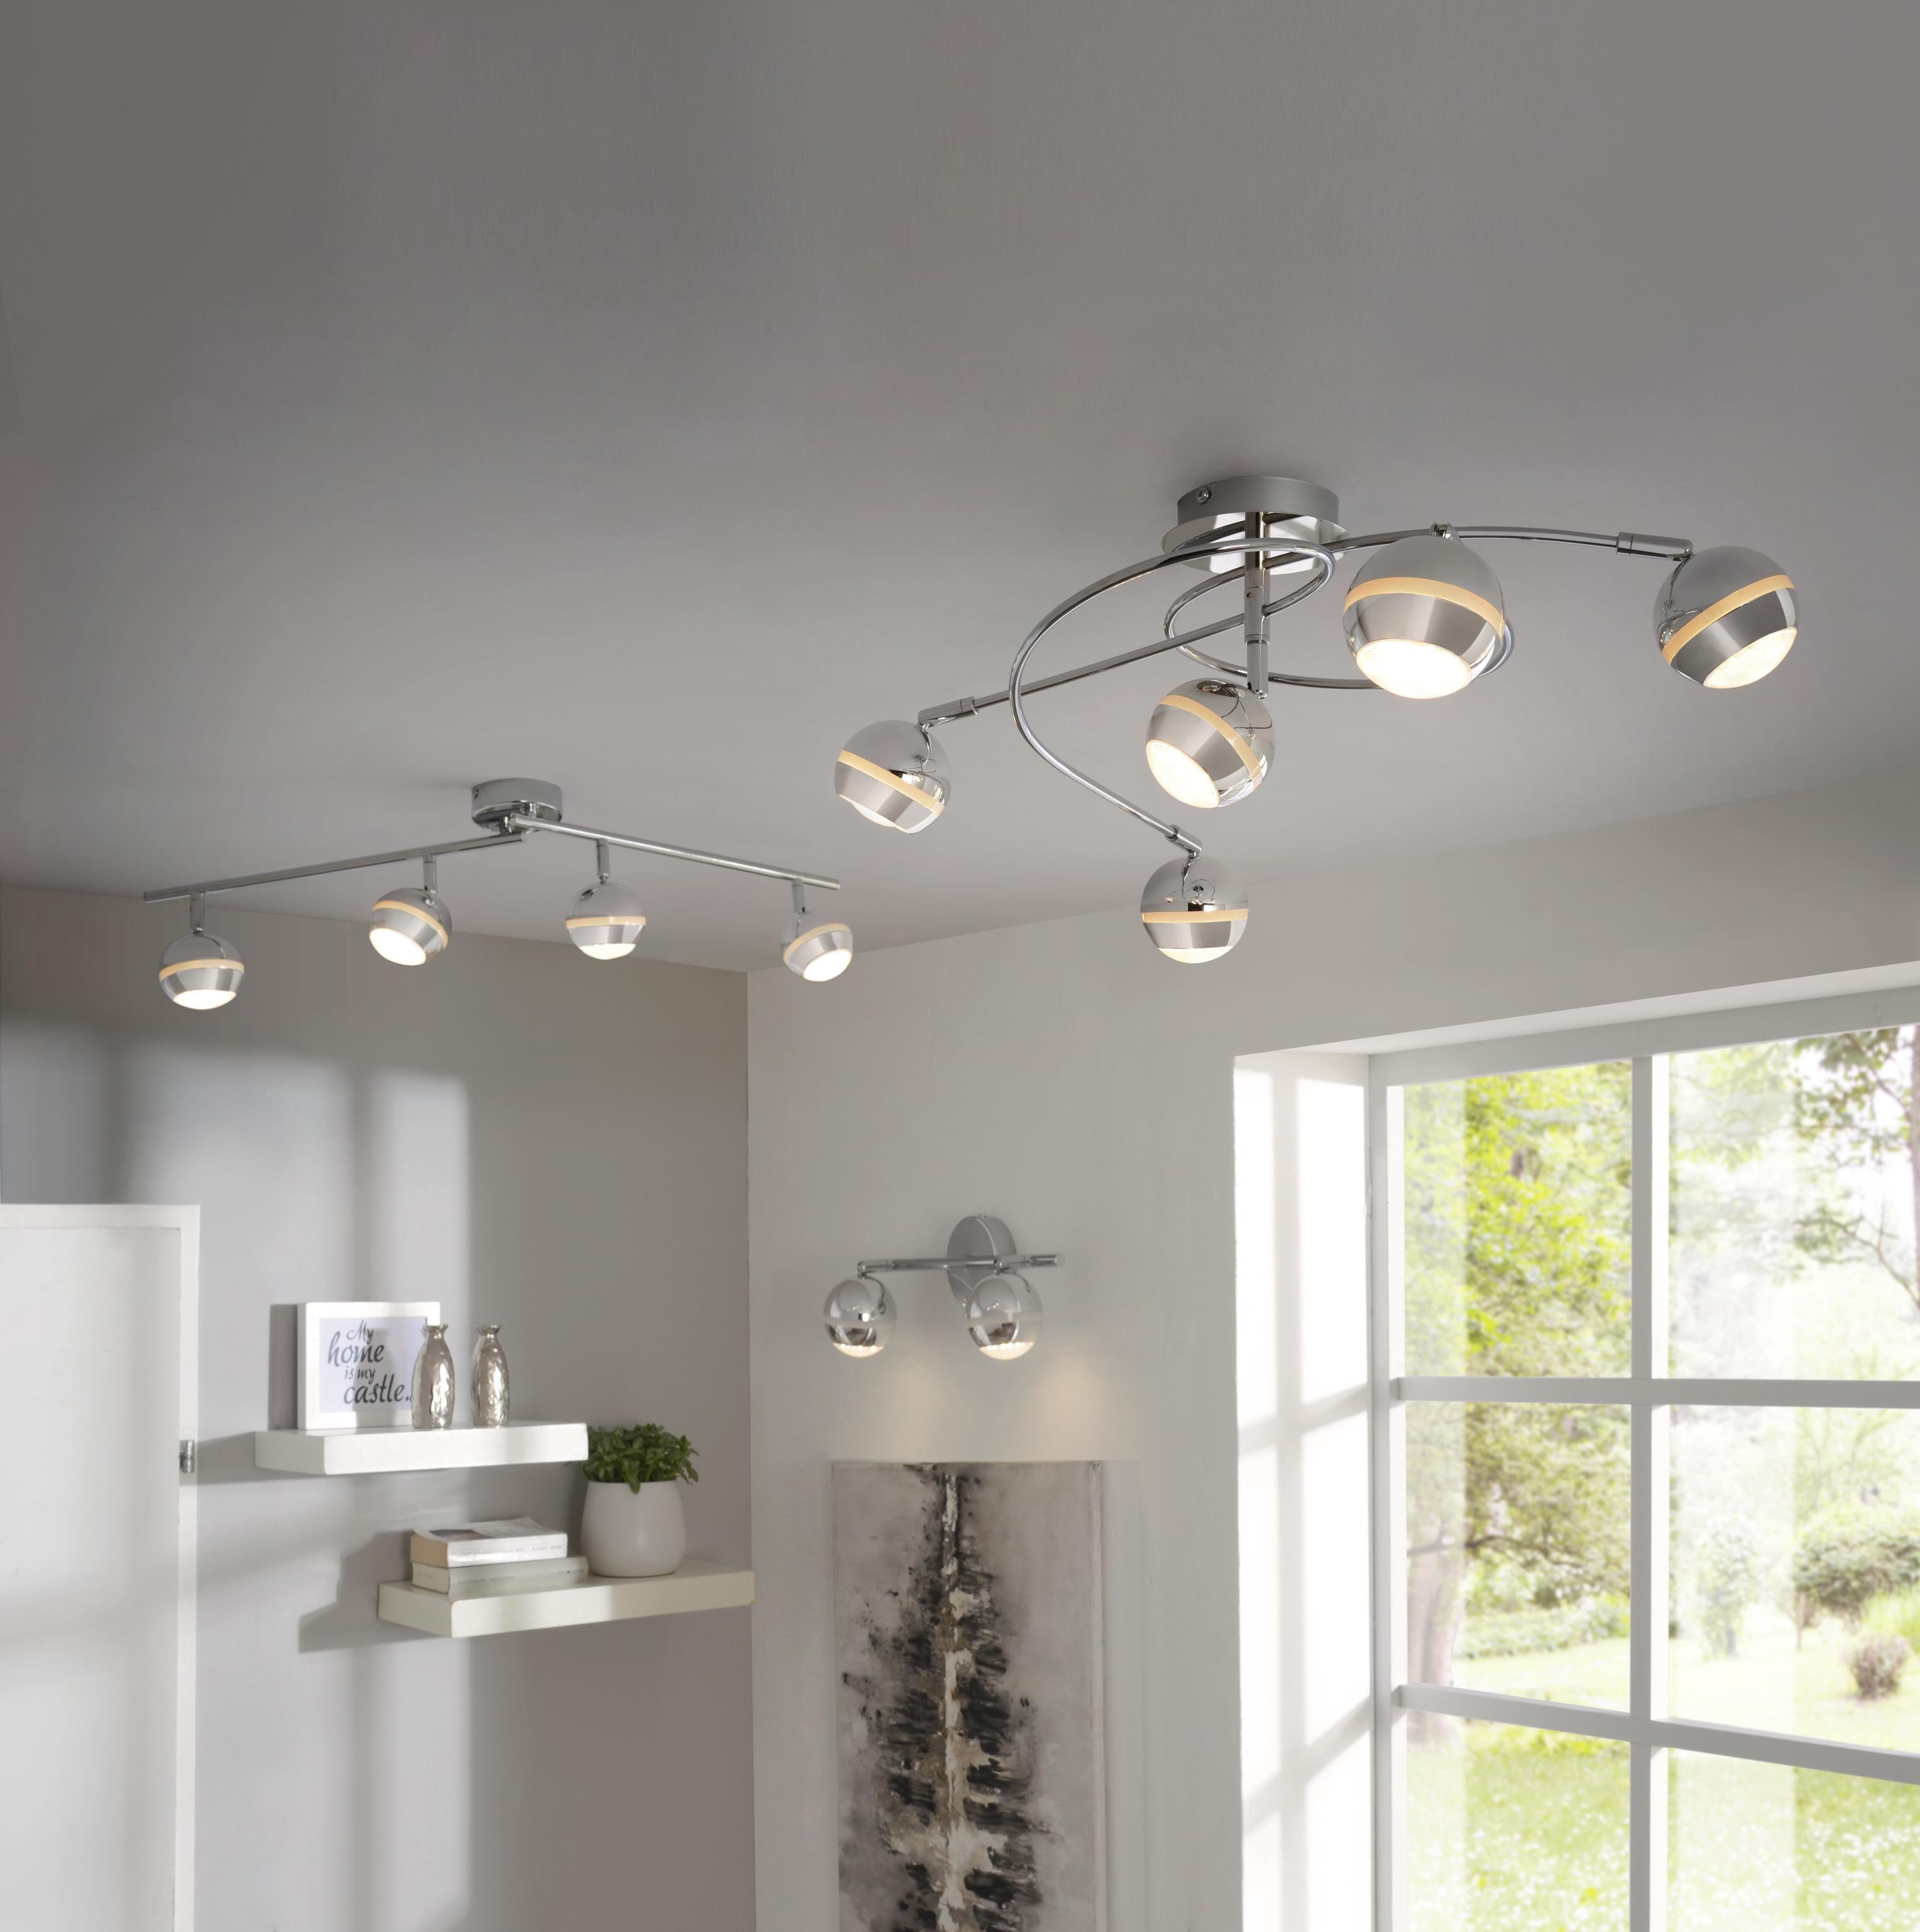 Deckenleuchte Fur Ihre Helle Wohnung Modernes Licht Dank Led